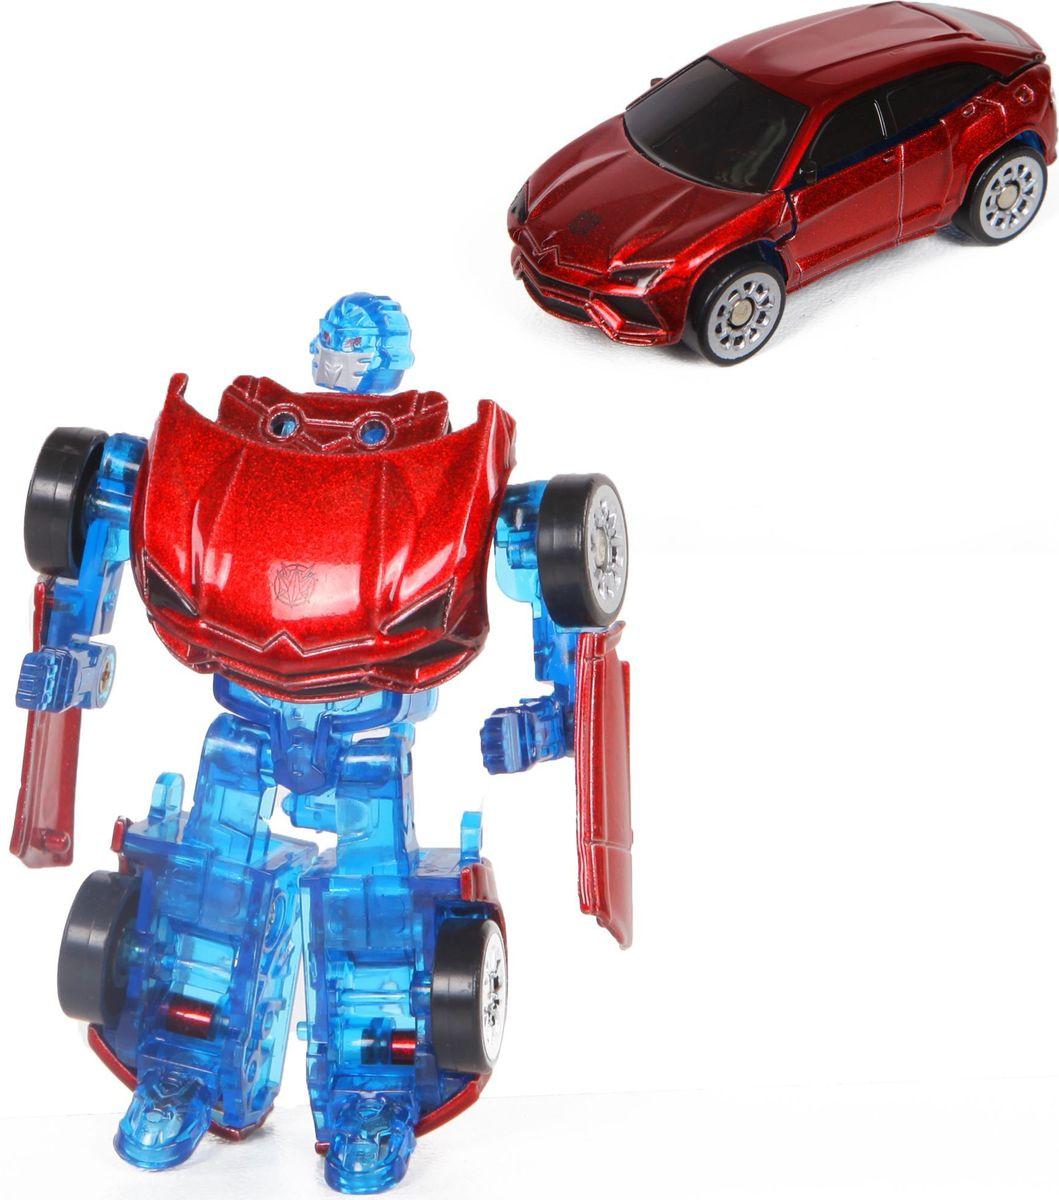 Yako Робот-трансформер цвет красный Y3686092-2 интерактивные игрушки yako робот y2055209